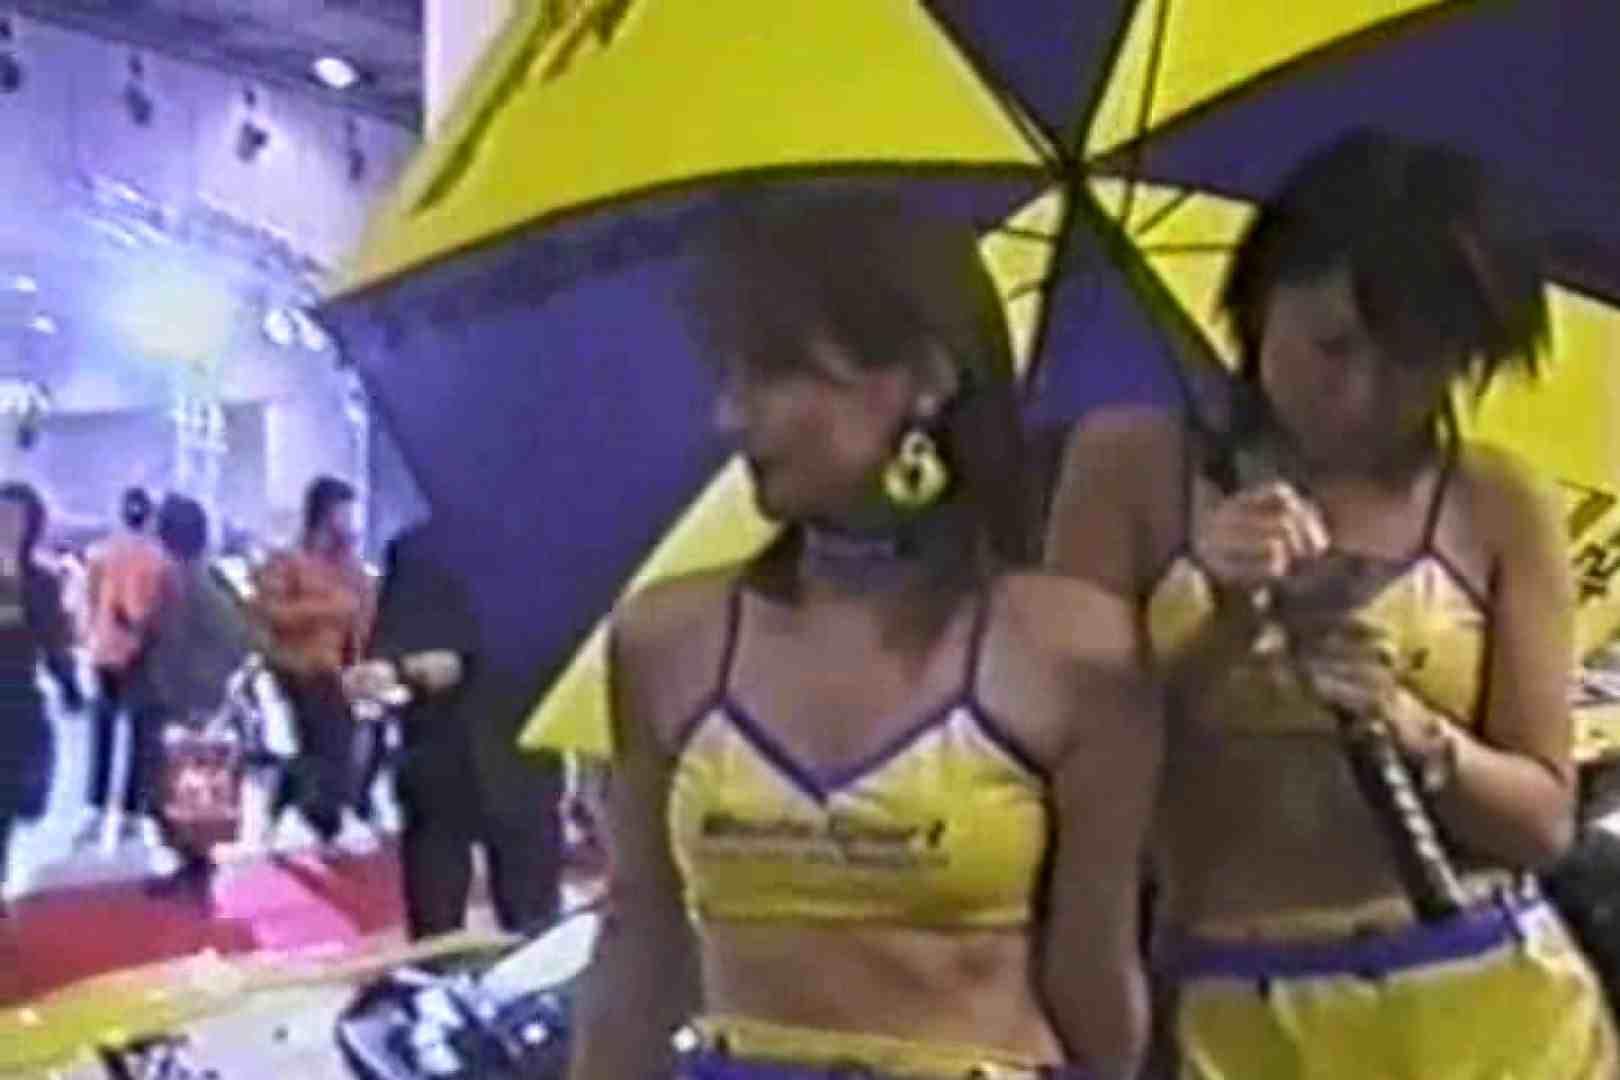 RQカメラ地獄Vol.18 ギャル セックス画像 64連発 3